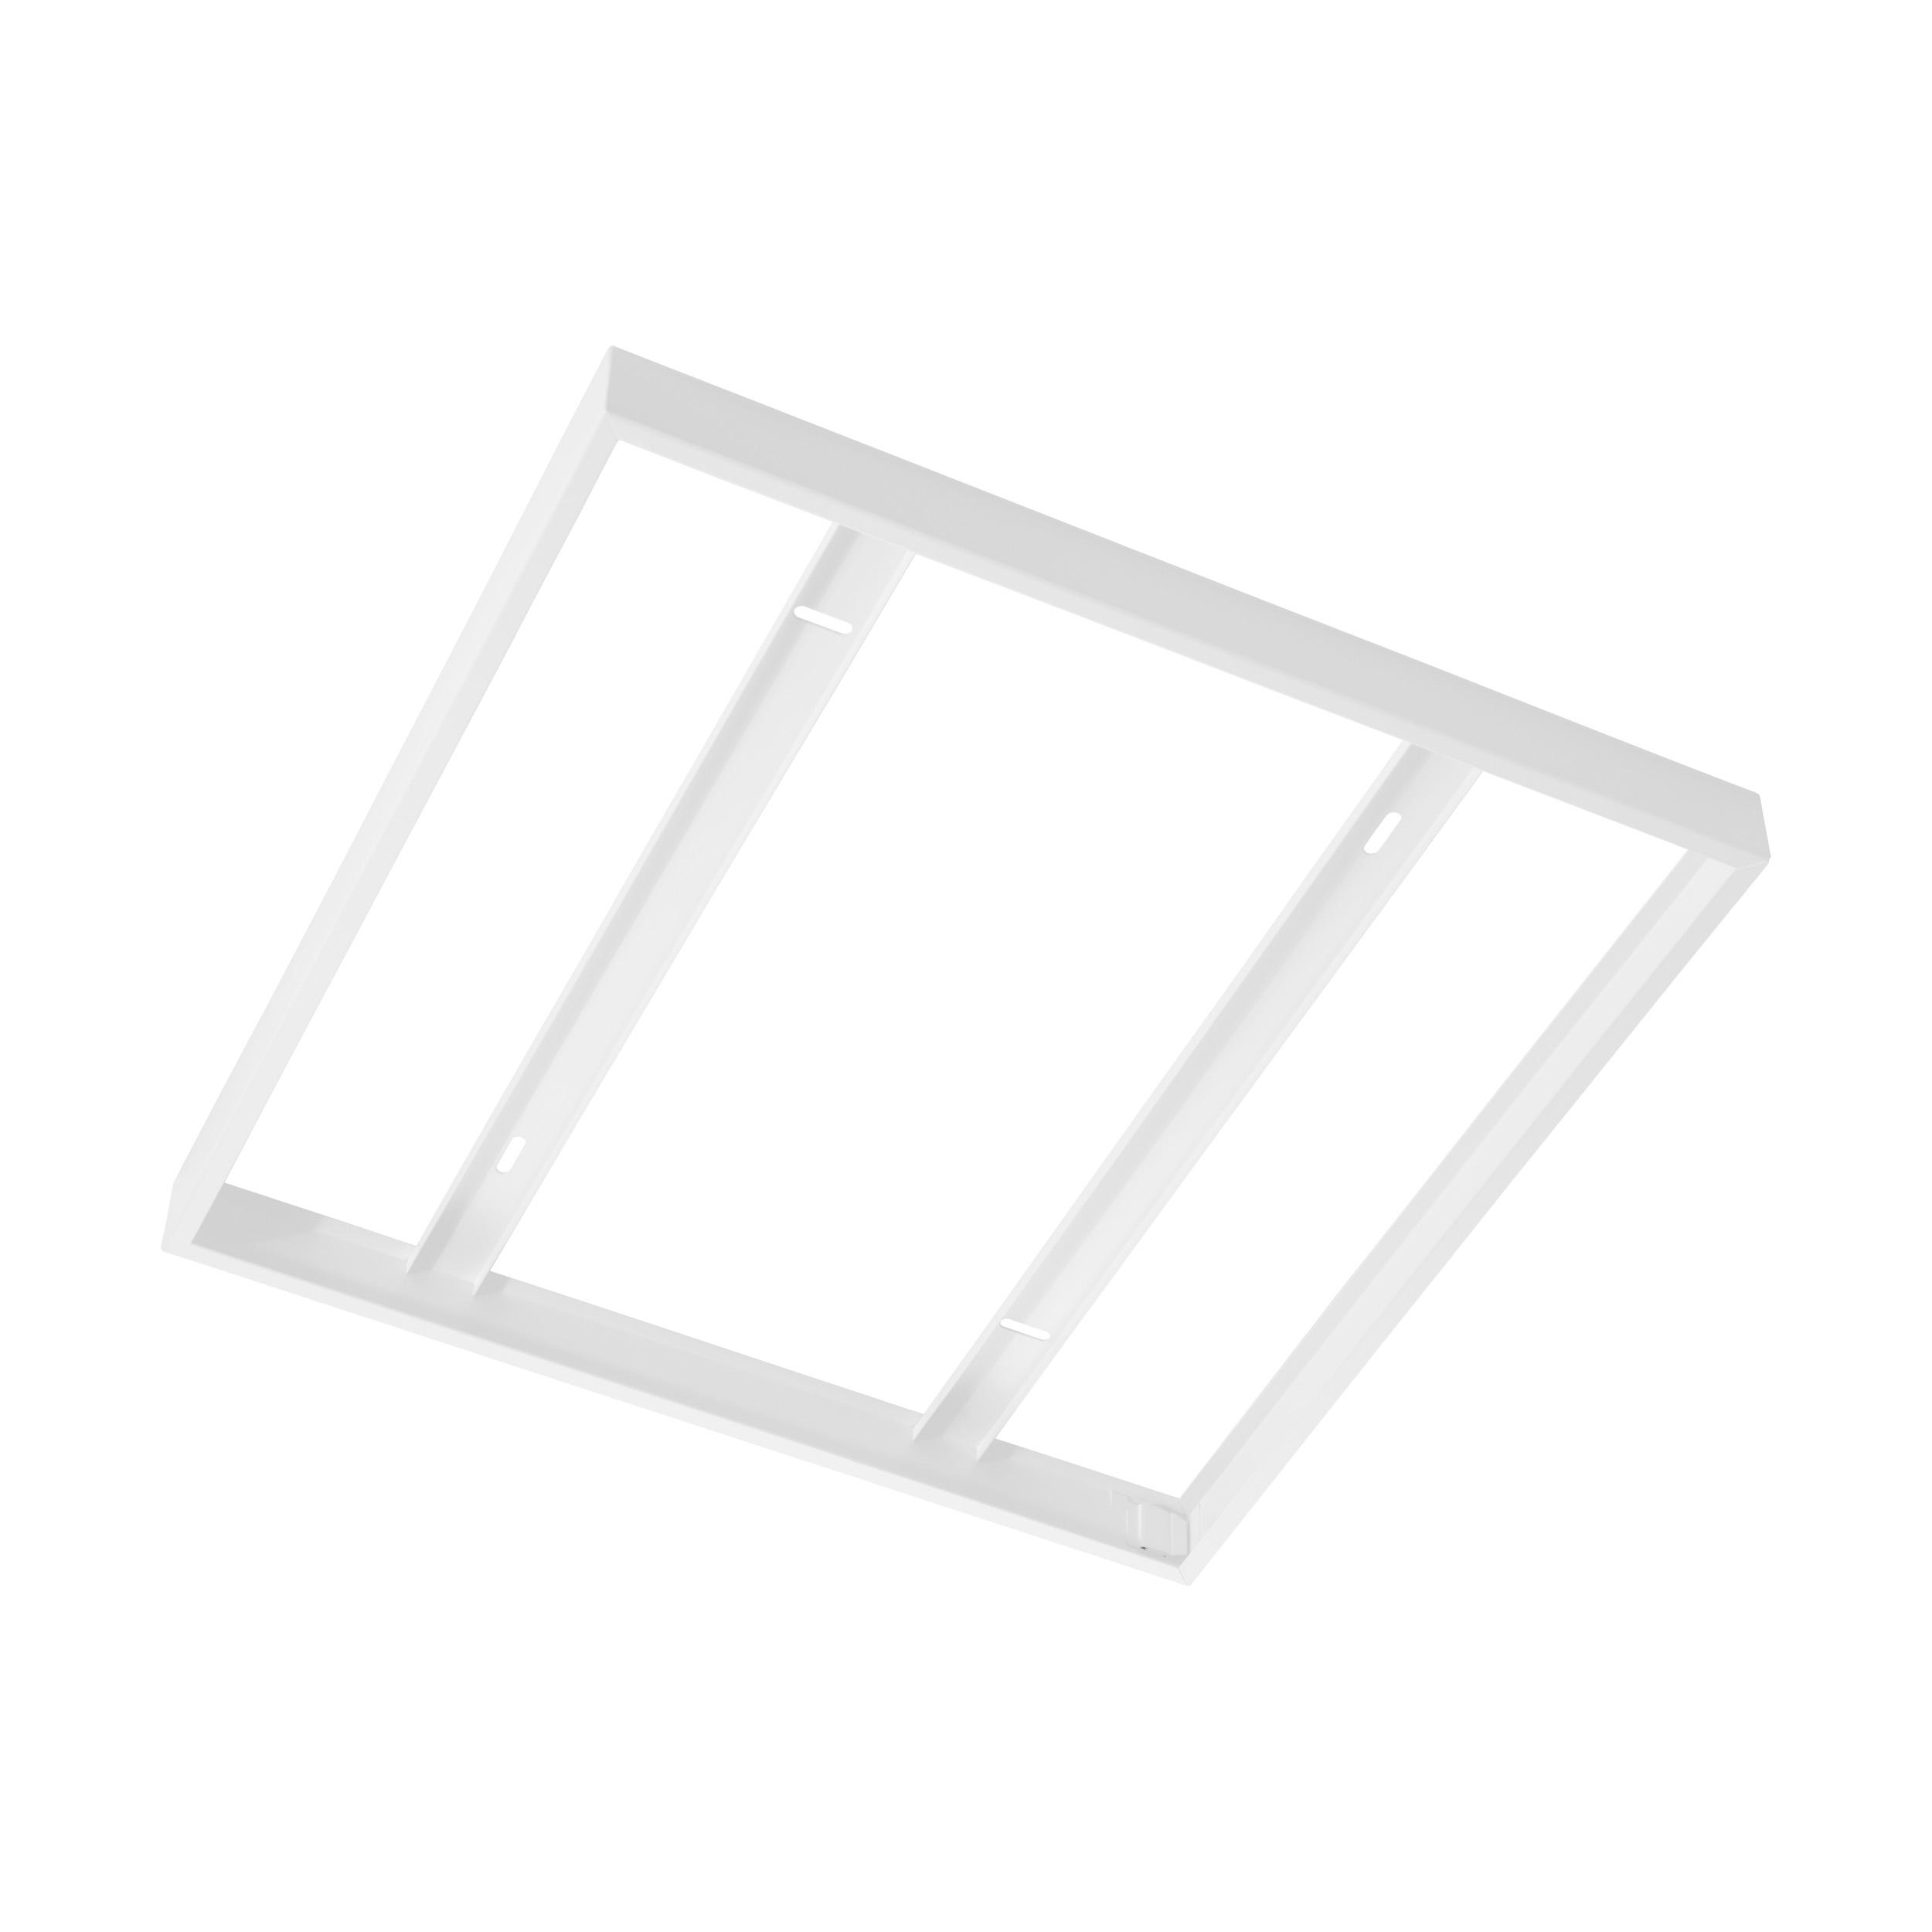 1 Stk Aufbaurahmen für Salobrena 1 595 / 620 weiß  LI61359---